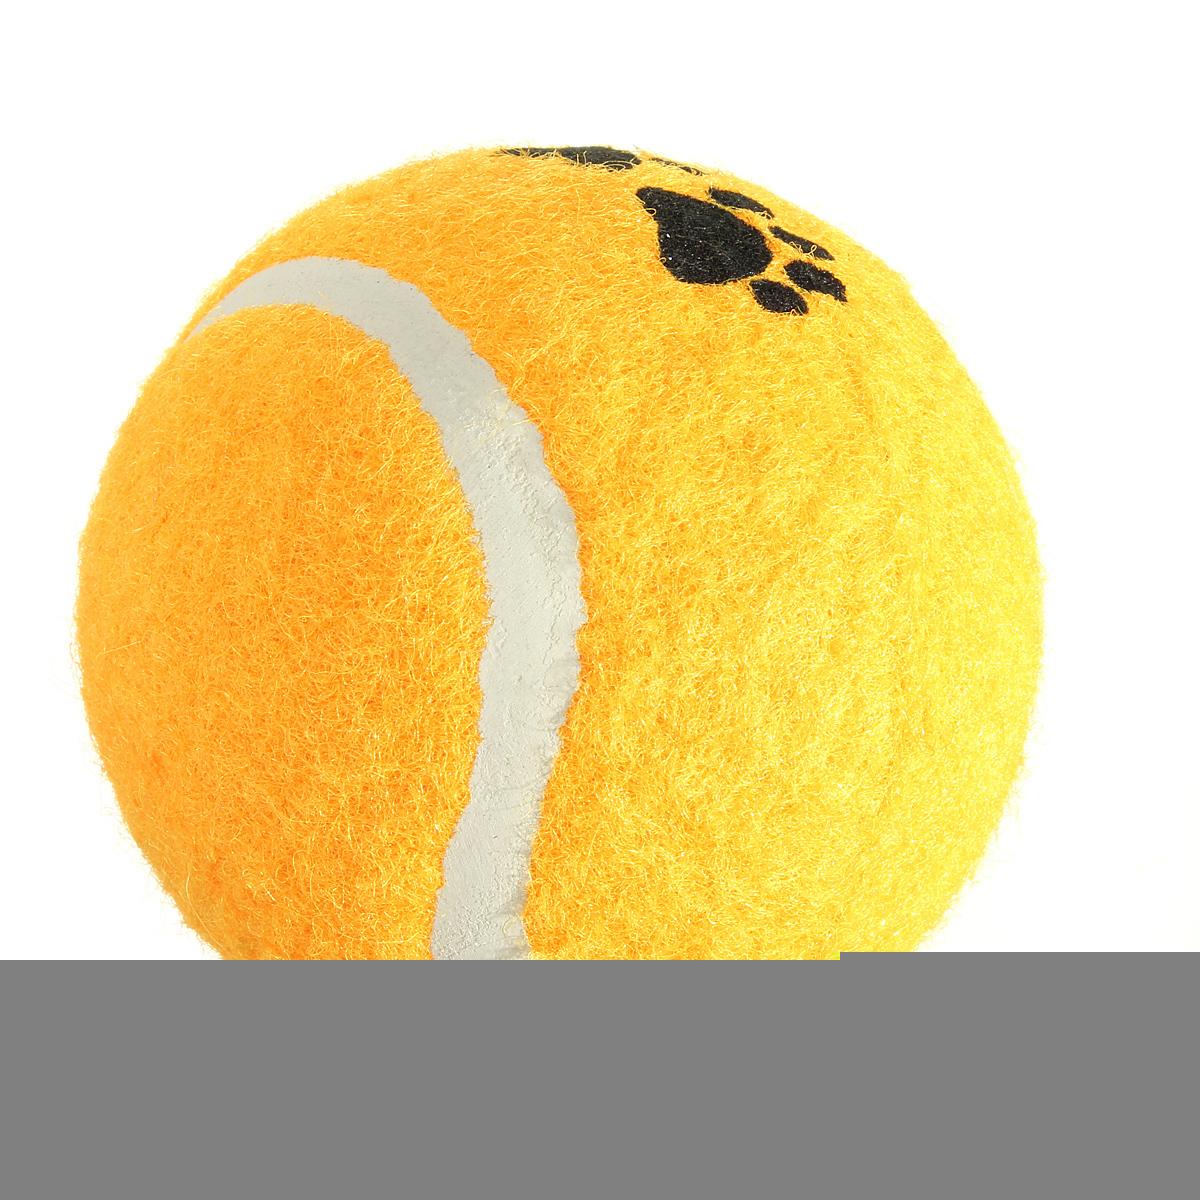 Hewan Peliharaan Kucing Anjing Pelatihan Anjing Kecil Lucu Bermain Bola Tenis Melempar Mainan .